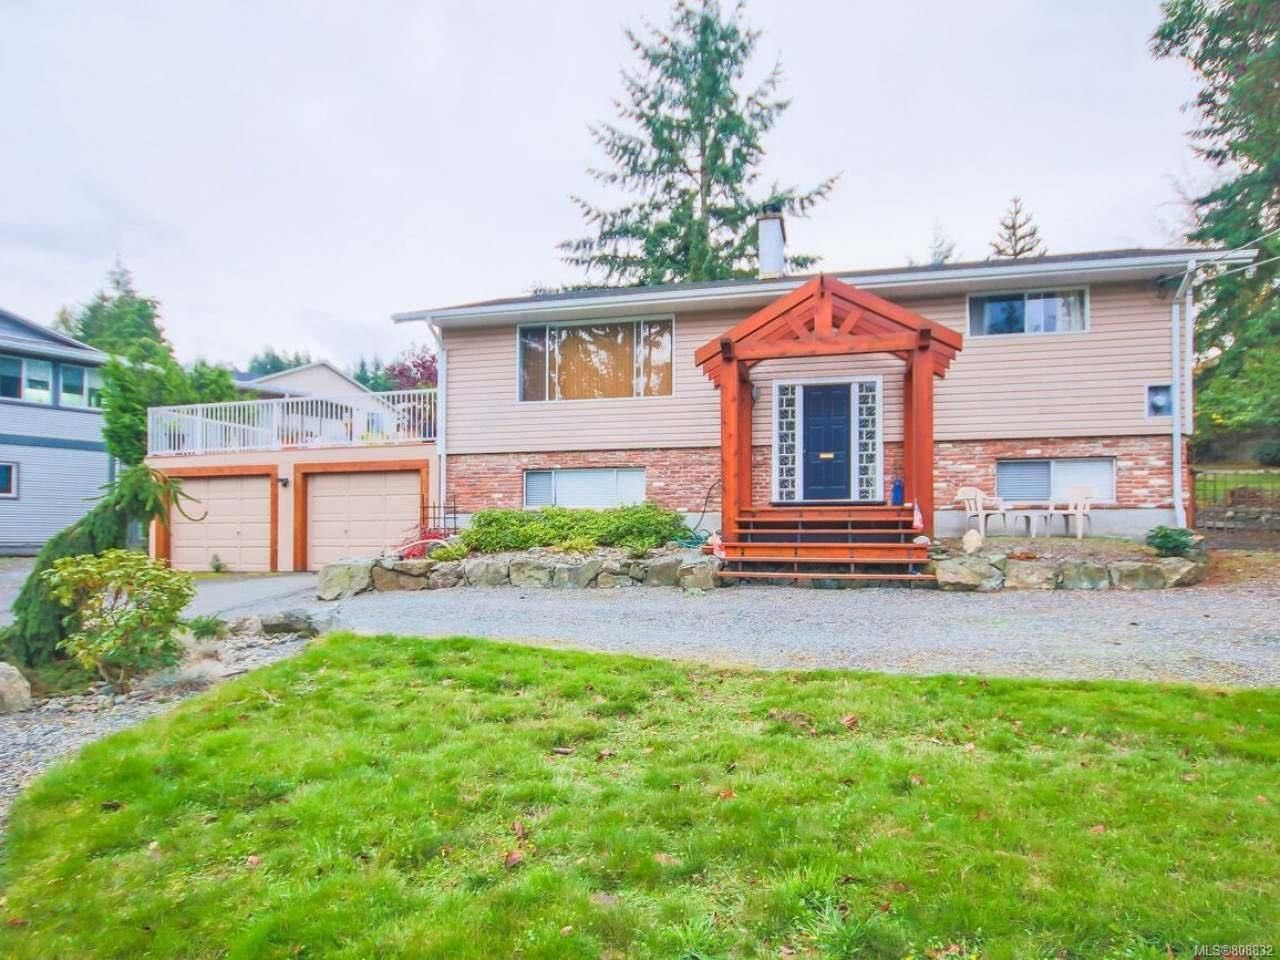 Main Photo: 5407 Lost Lake Rd in NANAIMO: Na North Nanaimo House for sale (Nanaimo)  : MLS®# 808832